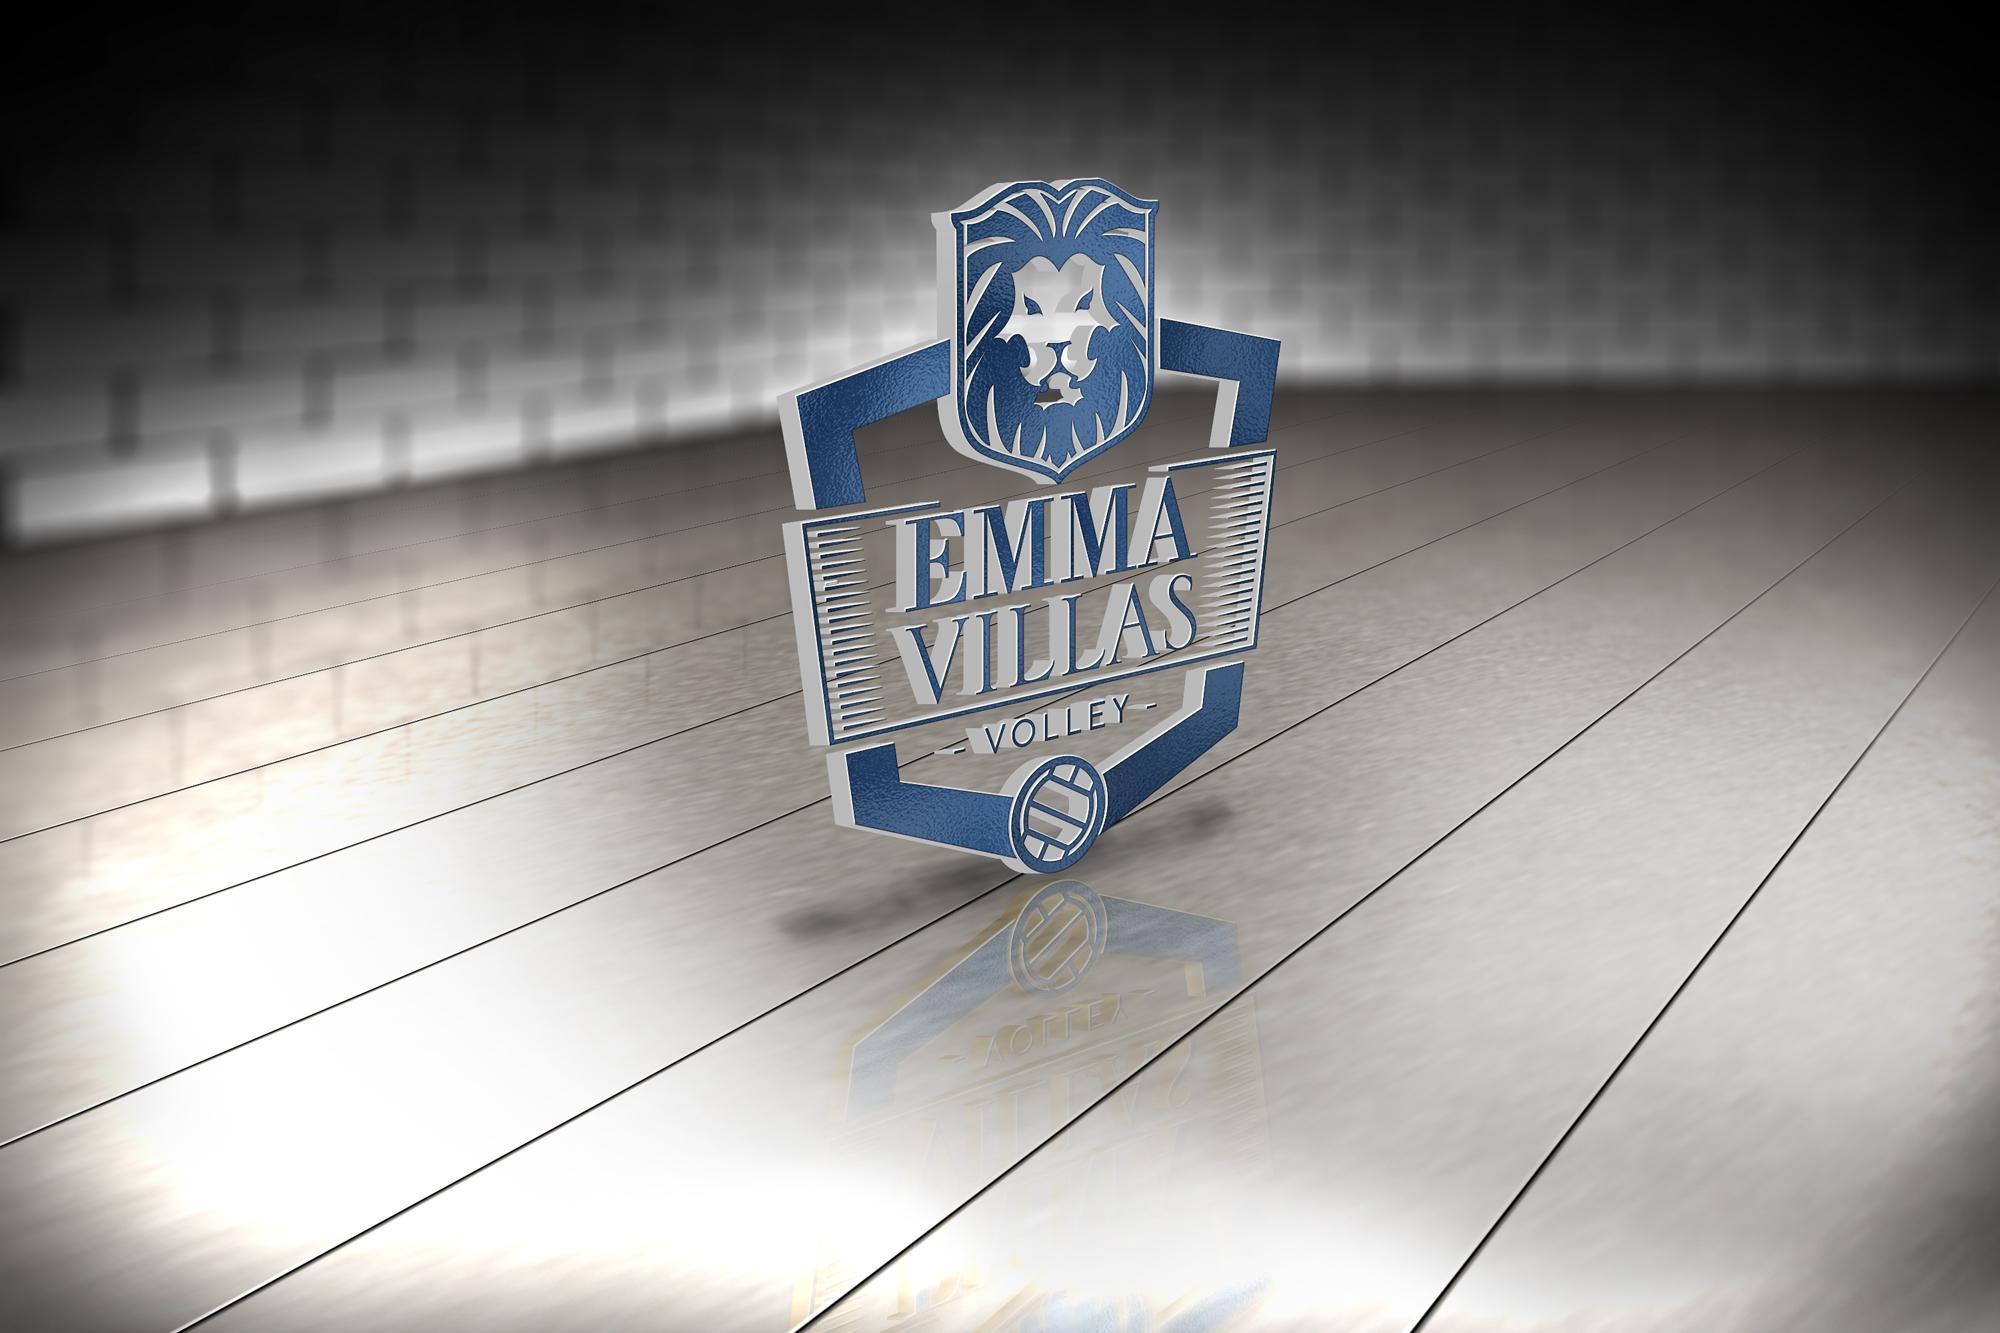 emma-villas-volley-logo